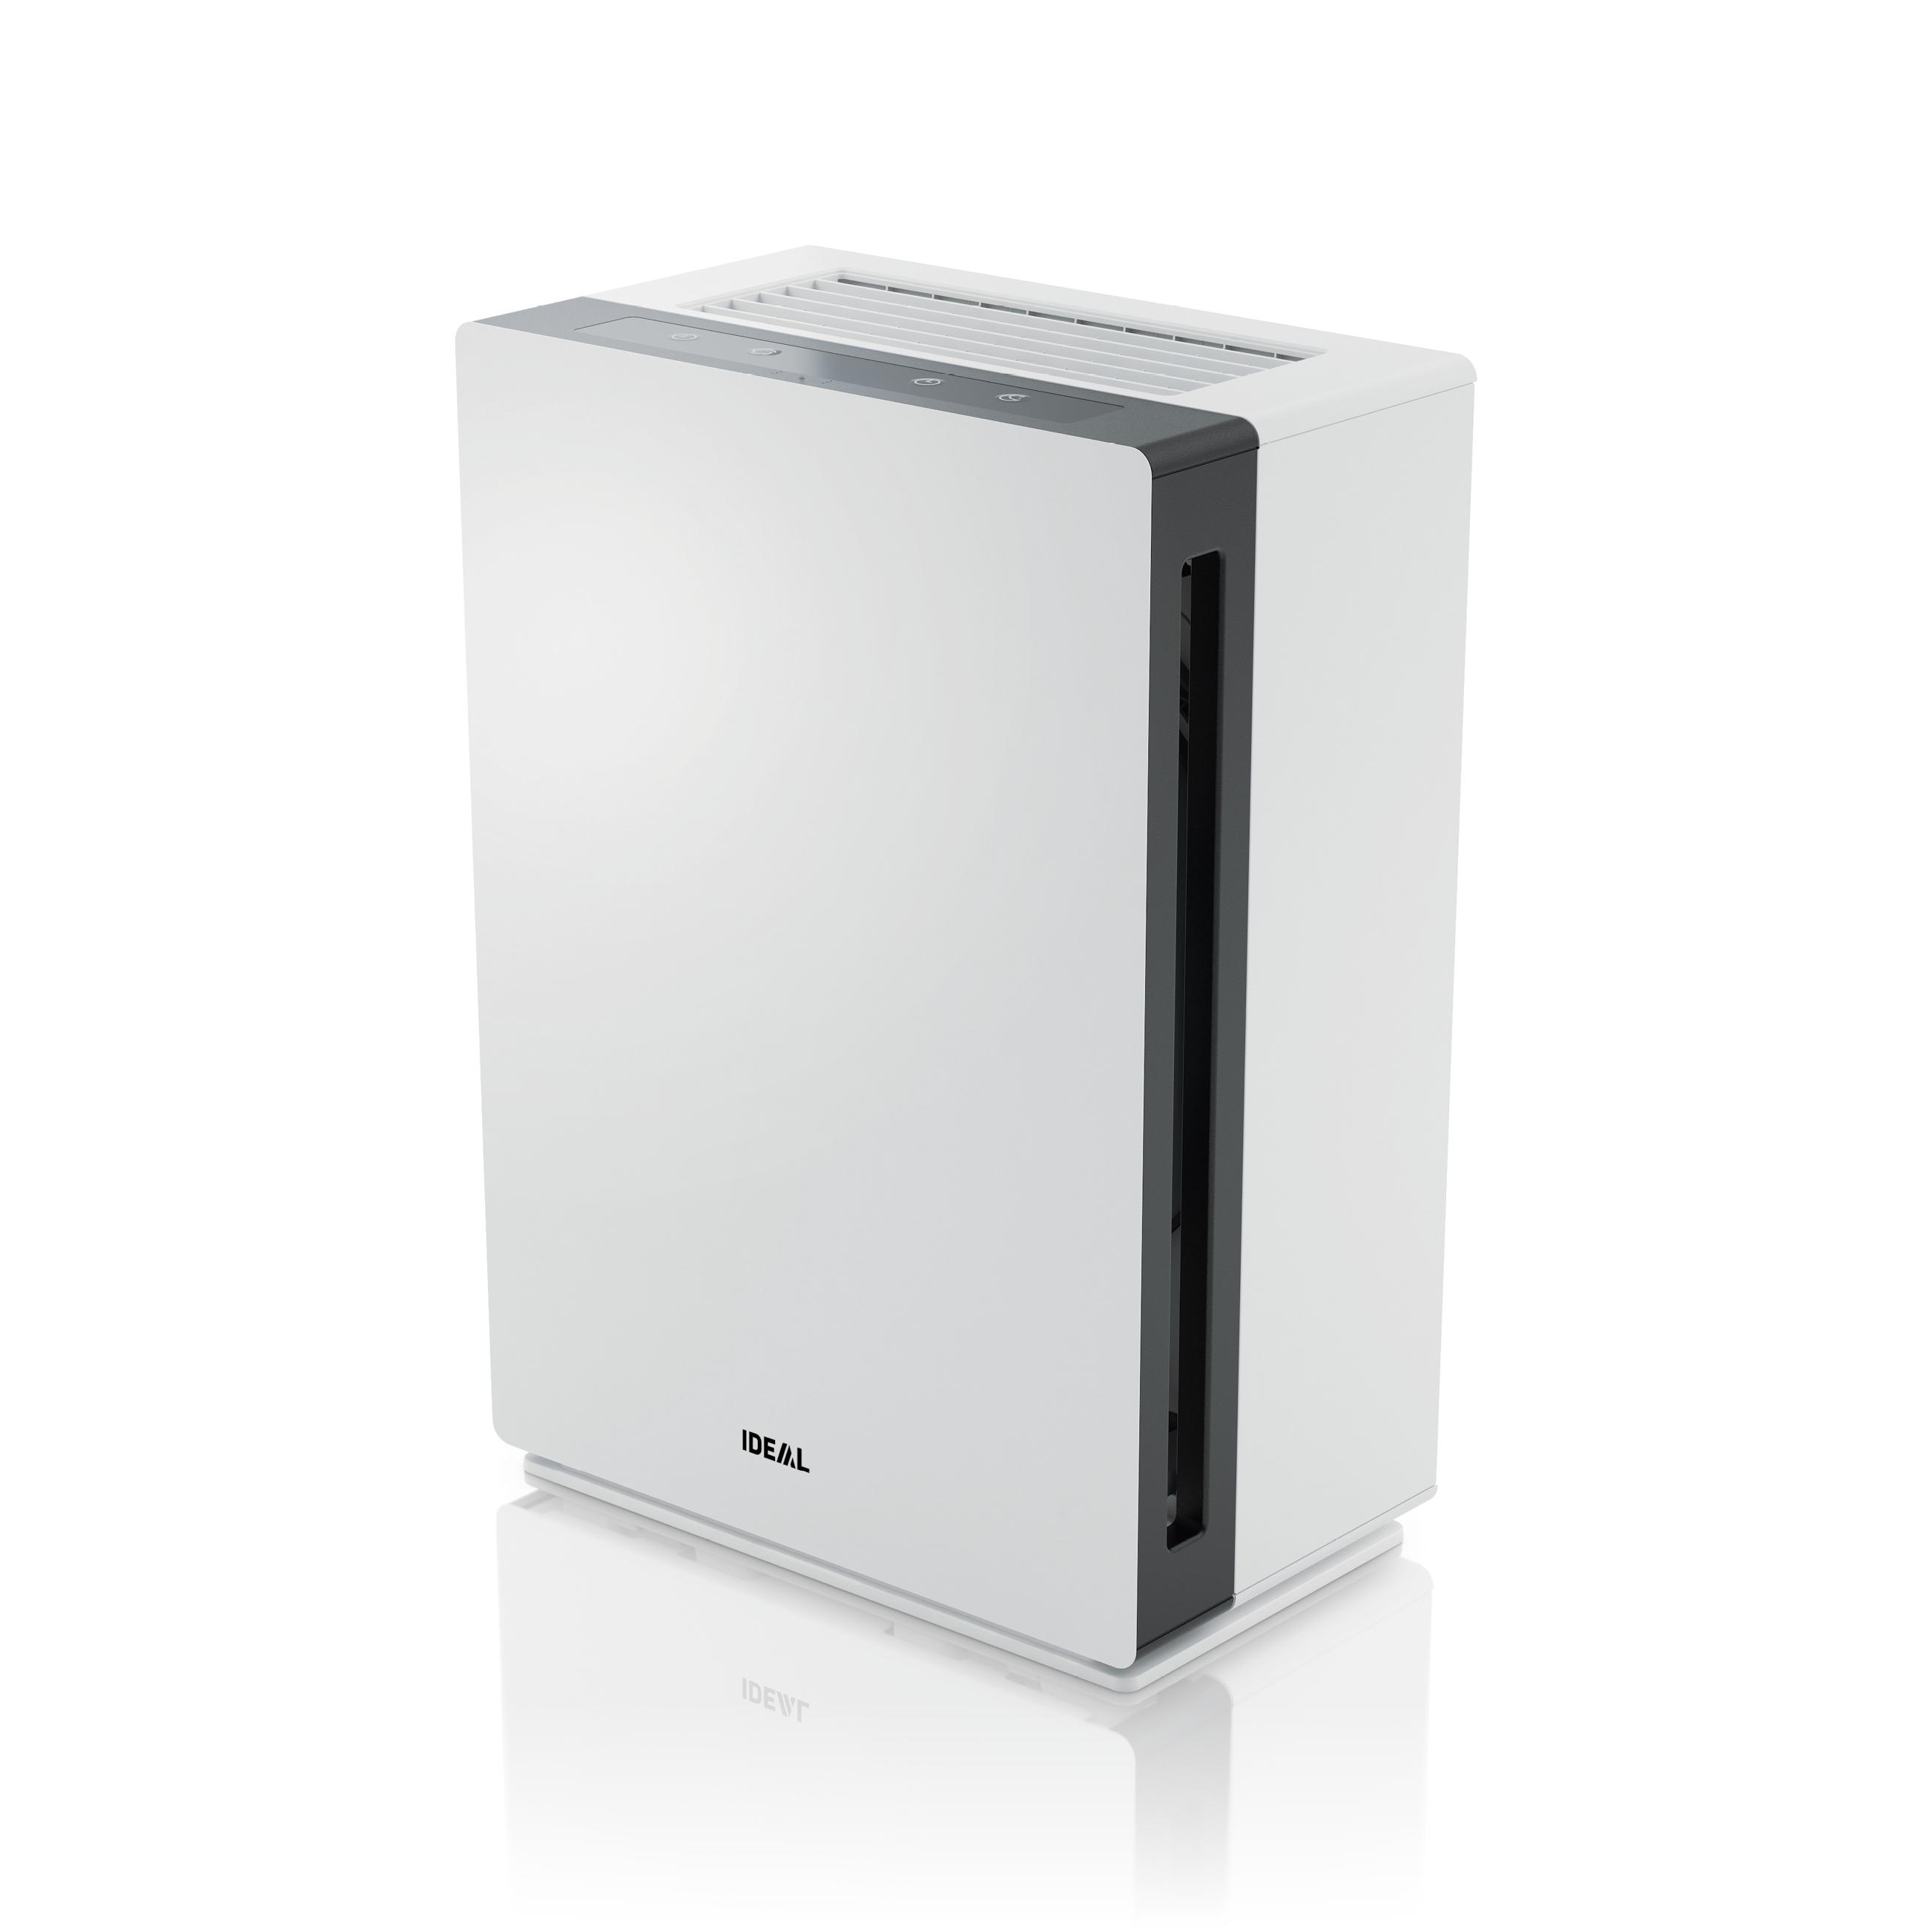 purificateurs d 39 air tous les fournisseurs purificateur air ioniseur purificateur air. Black Bedroom Furniture Sets. Home Design Ideas